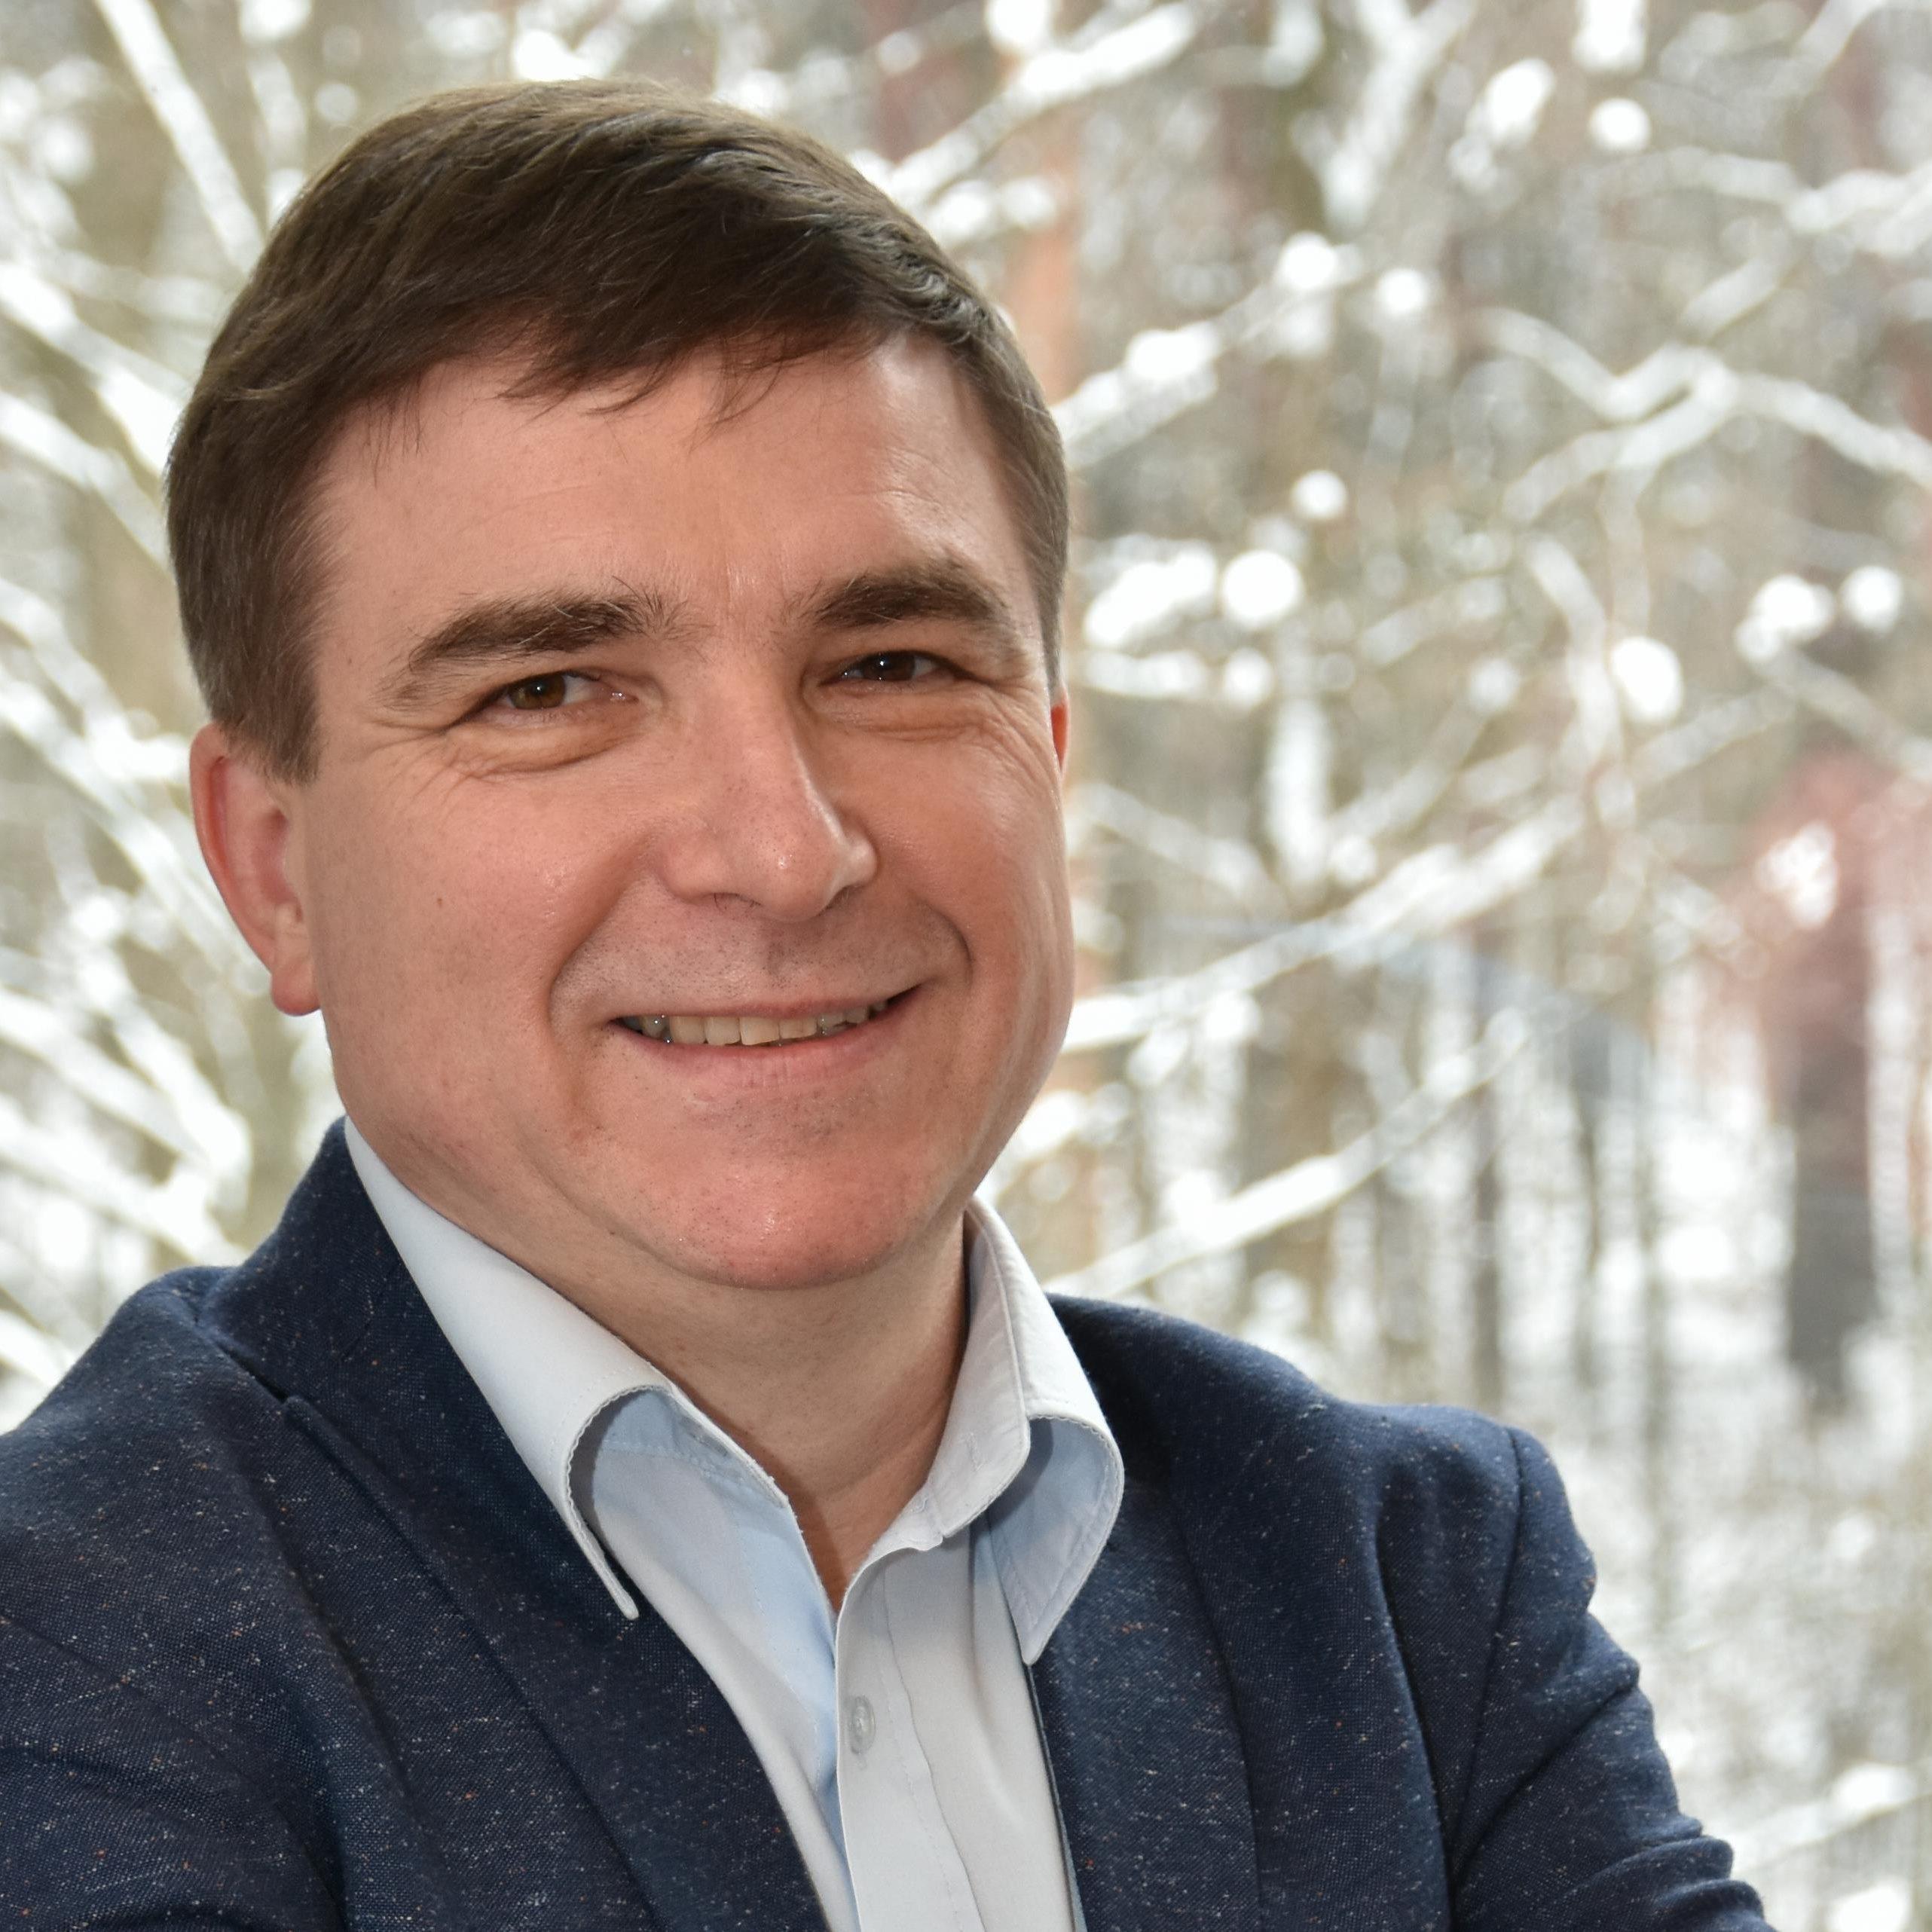 Uśmiechnięty Tomasz Kowalik doświadczony coach prowokatywny